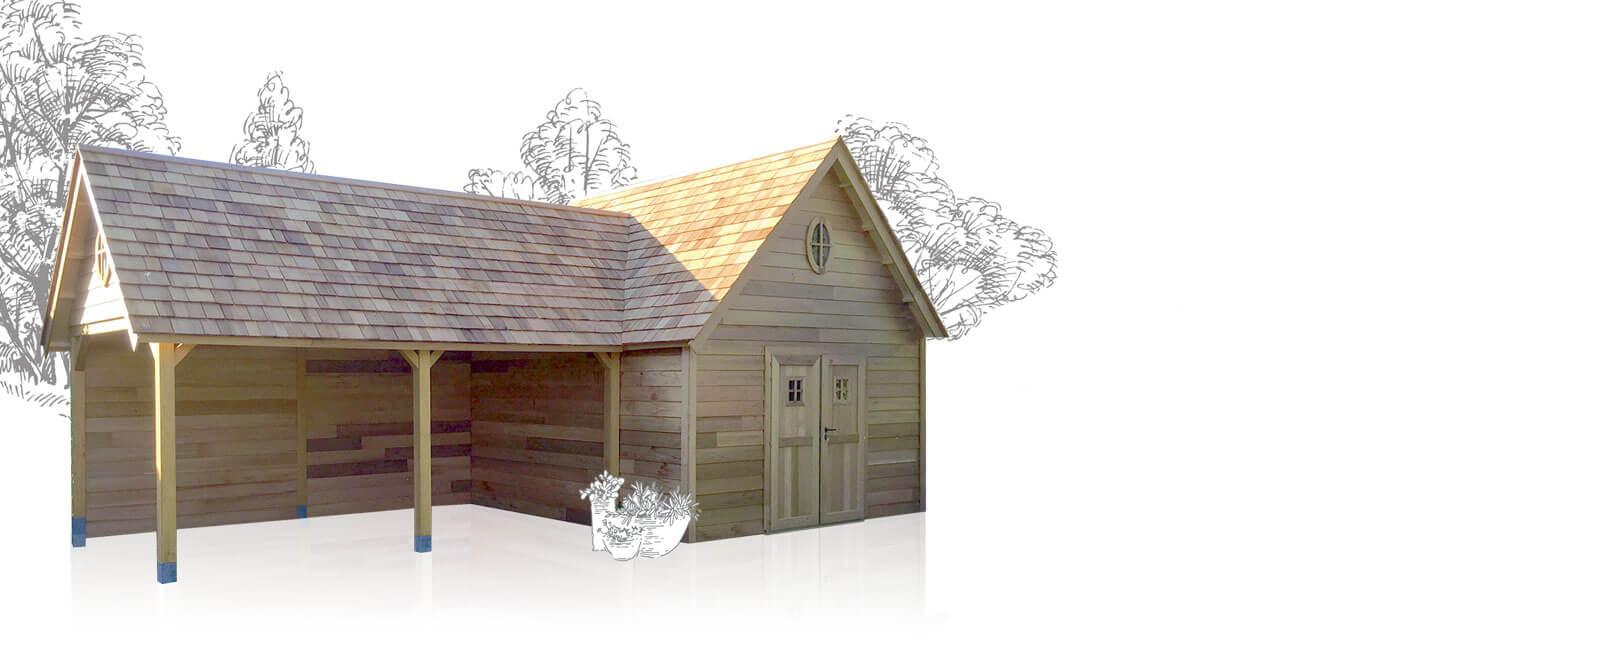 Houten tuinhuis, blokhut, chalet of carport nodig? De ruimste keuze ...